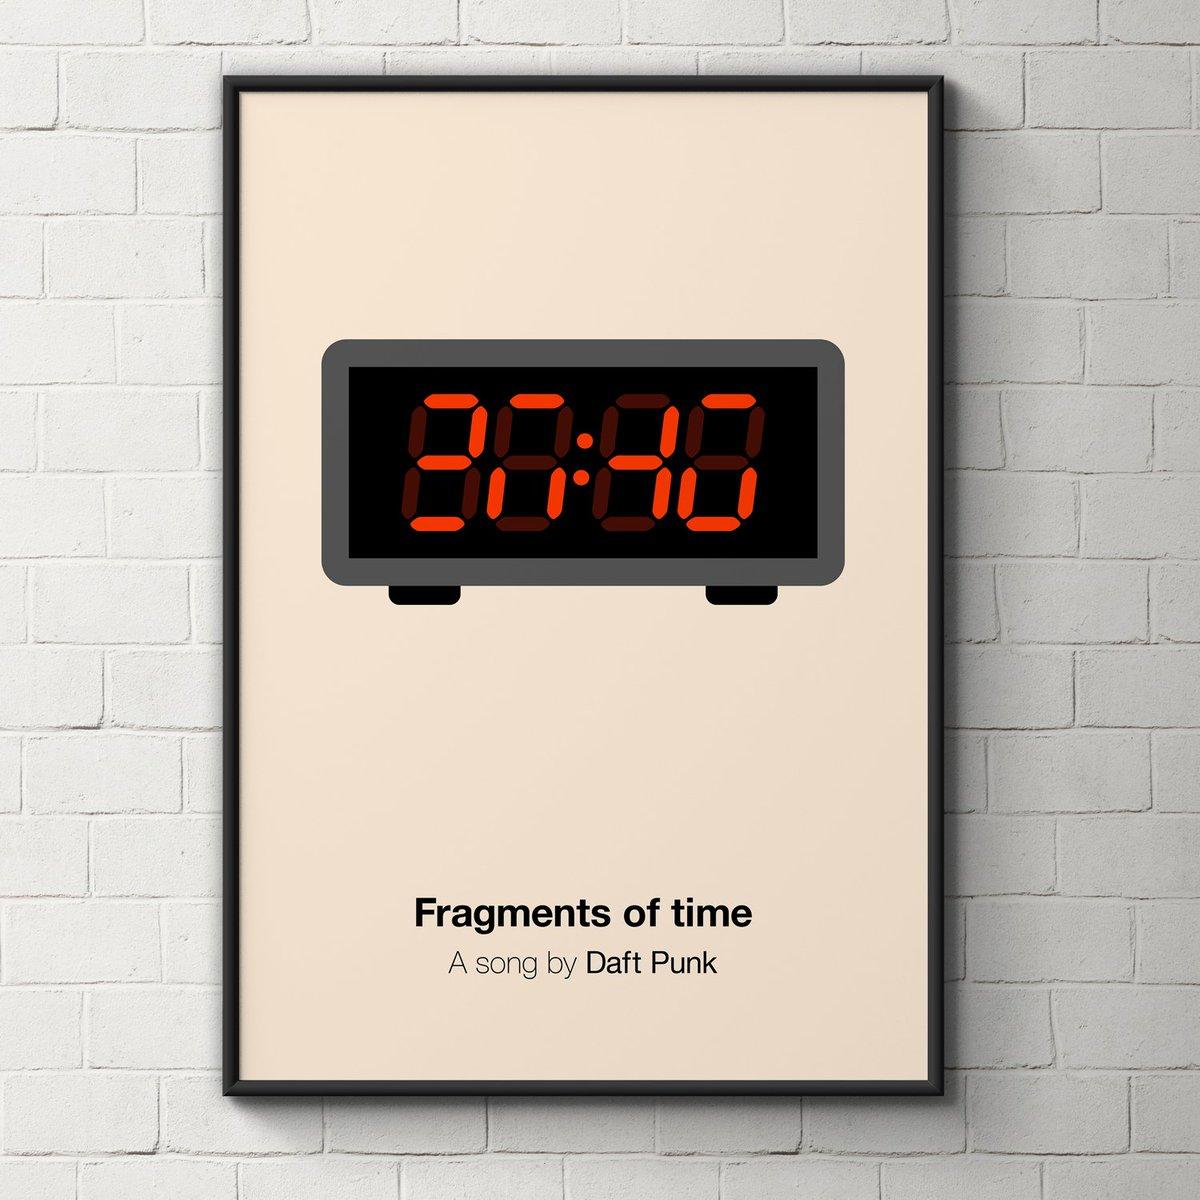 Viktor Hertz On Twitter Daft Punk Fragments Of Time Daftpunk